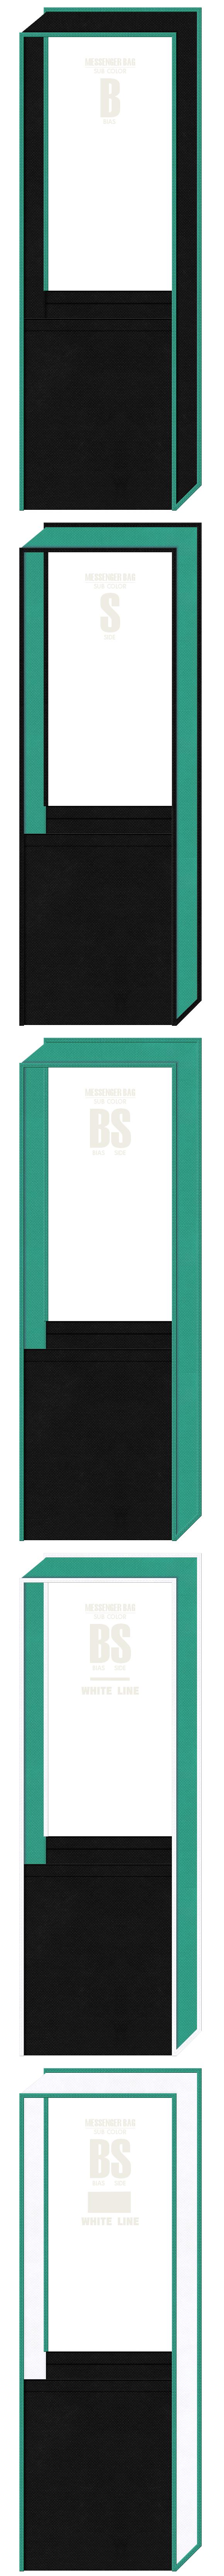 不織布メッセンジャーバッグのカラーシミュレーション(黒色・青緑色・白色):スポーツのイメージにお奨めです。